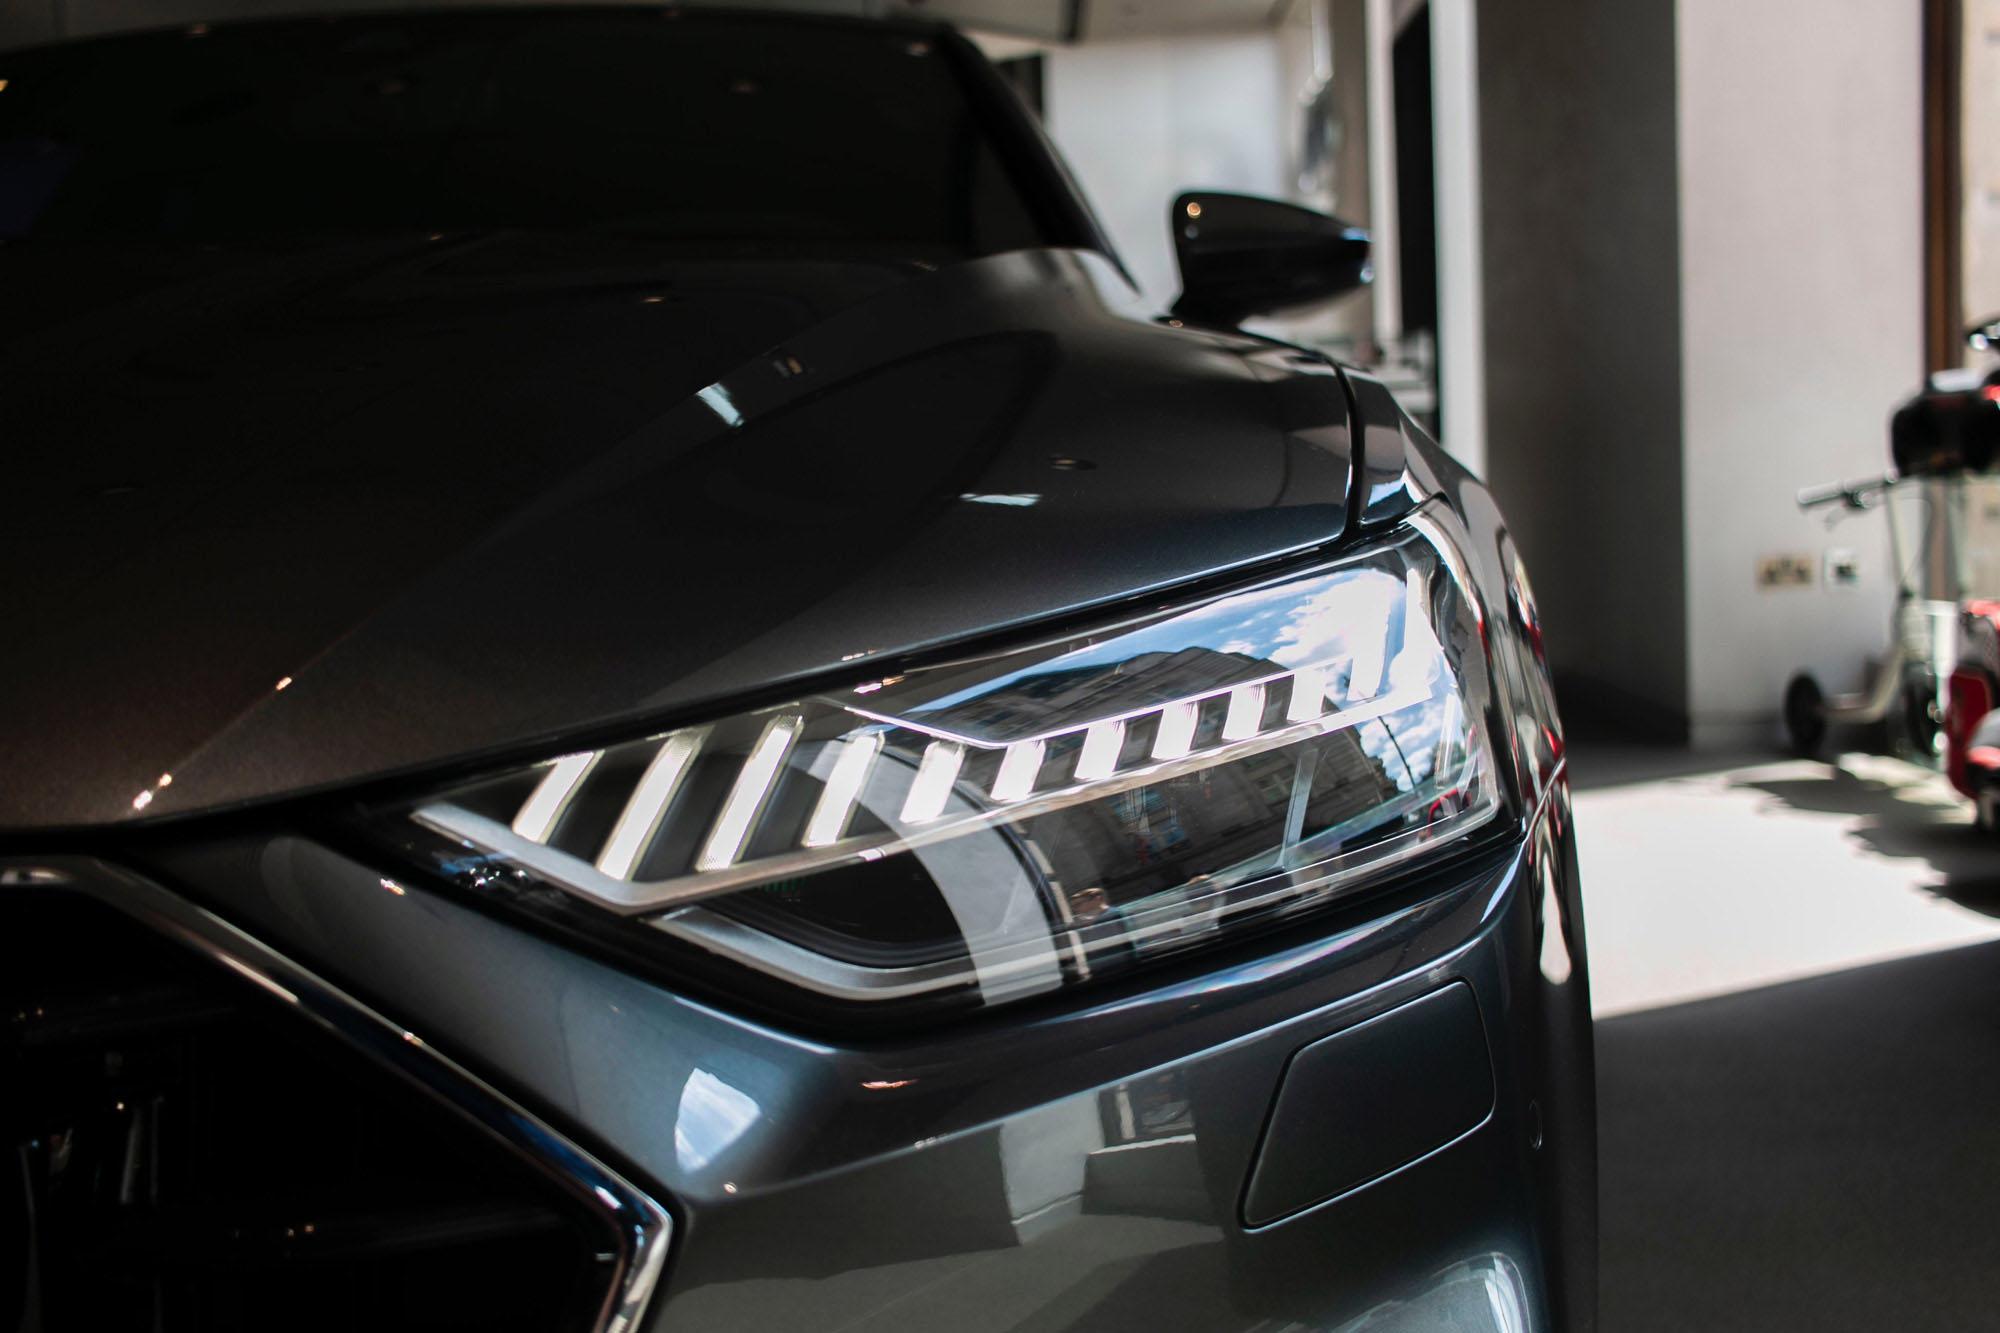 Xenon Scheinwerfer eines grauen Autos in der Nahaufnahme